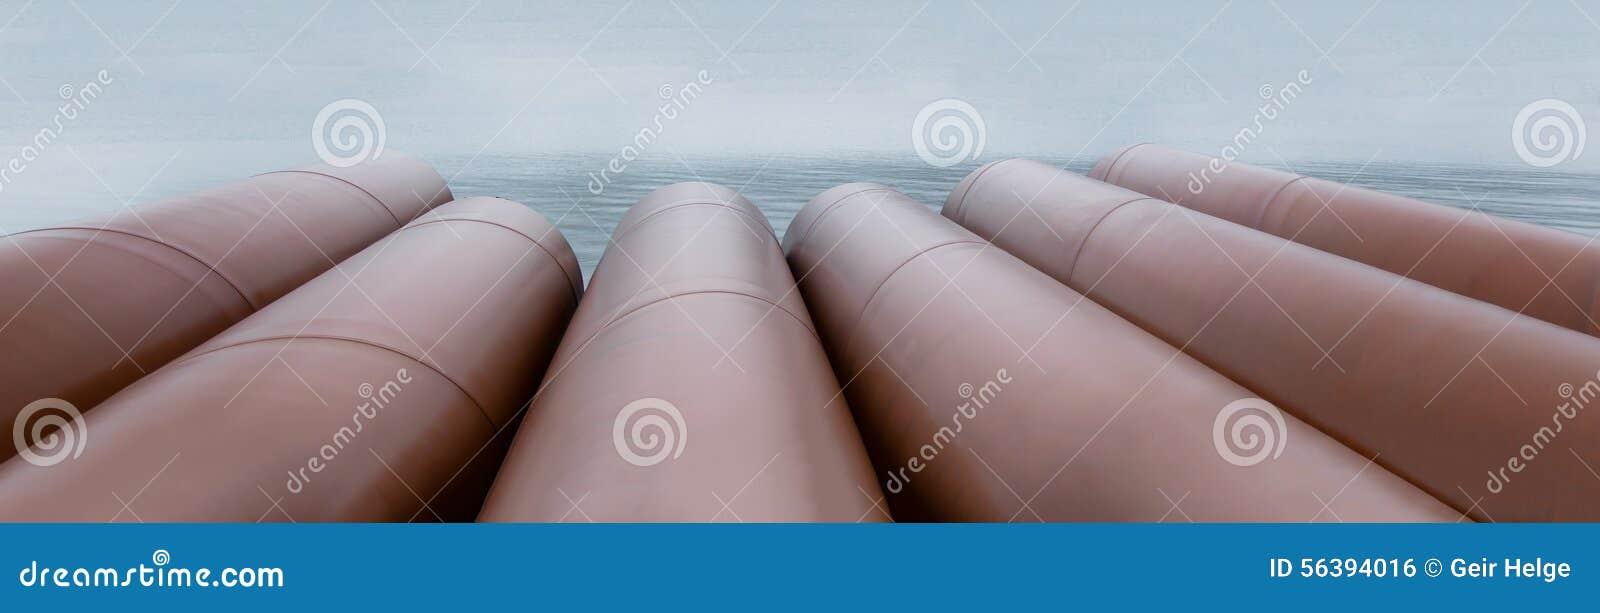 Tubi del metallo con ruggine